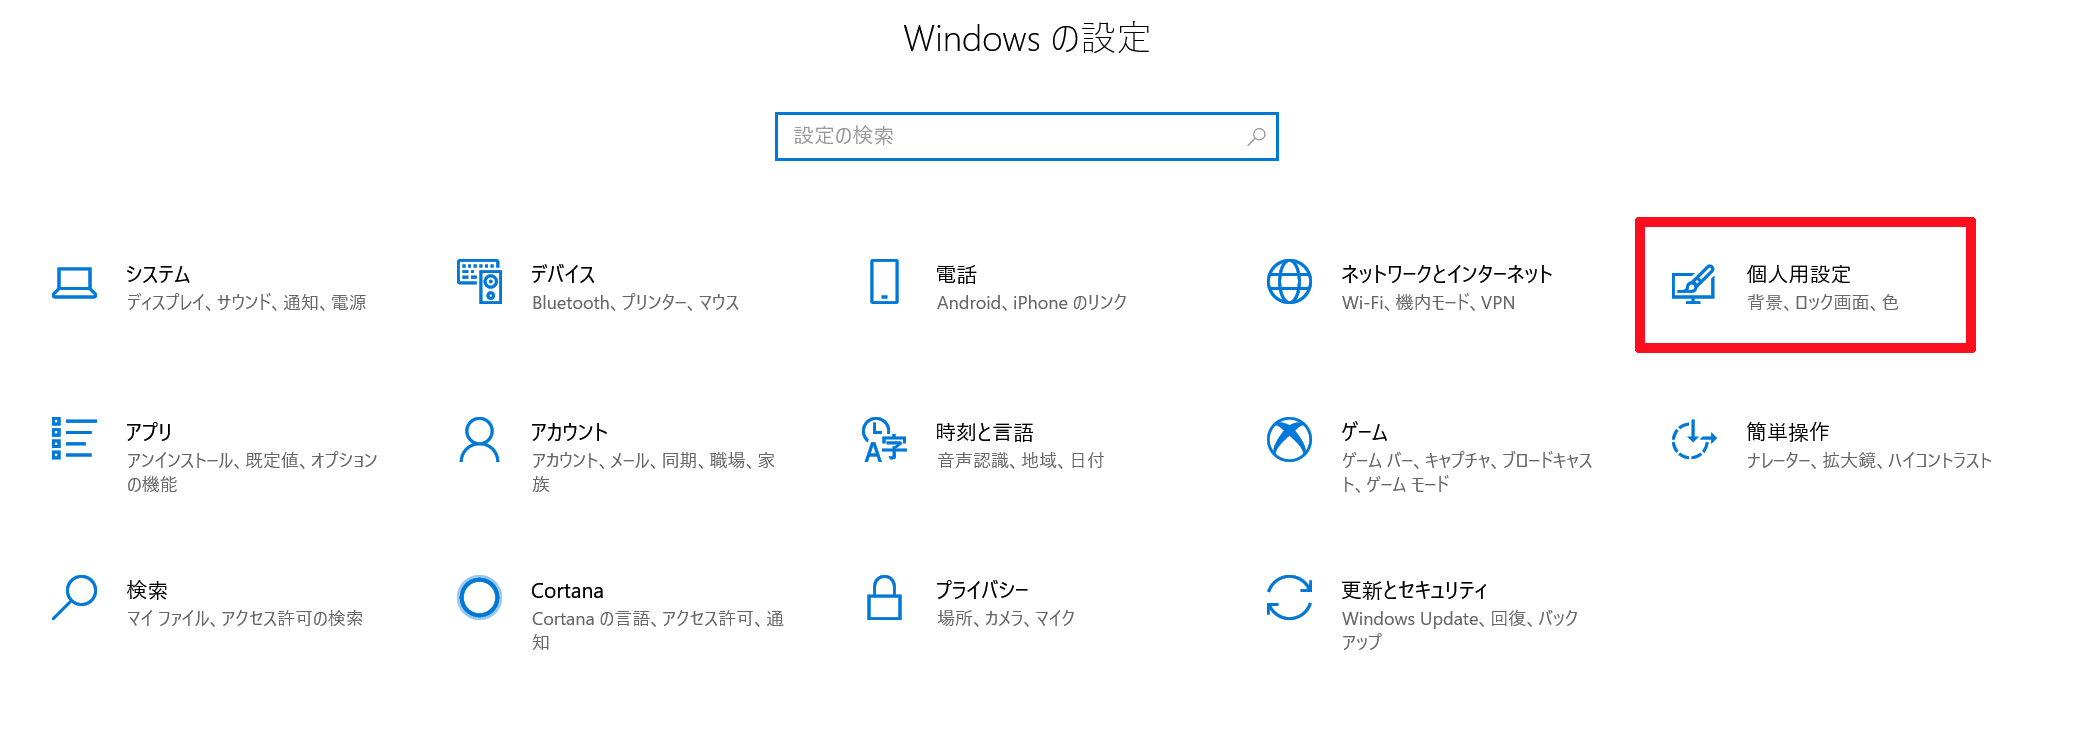 Windowsの設定の中にある「個人用設定」をクリックして開く